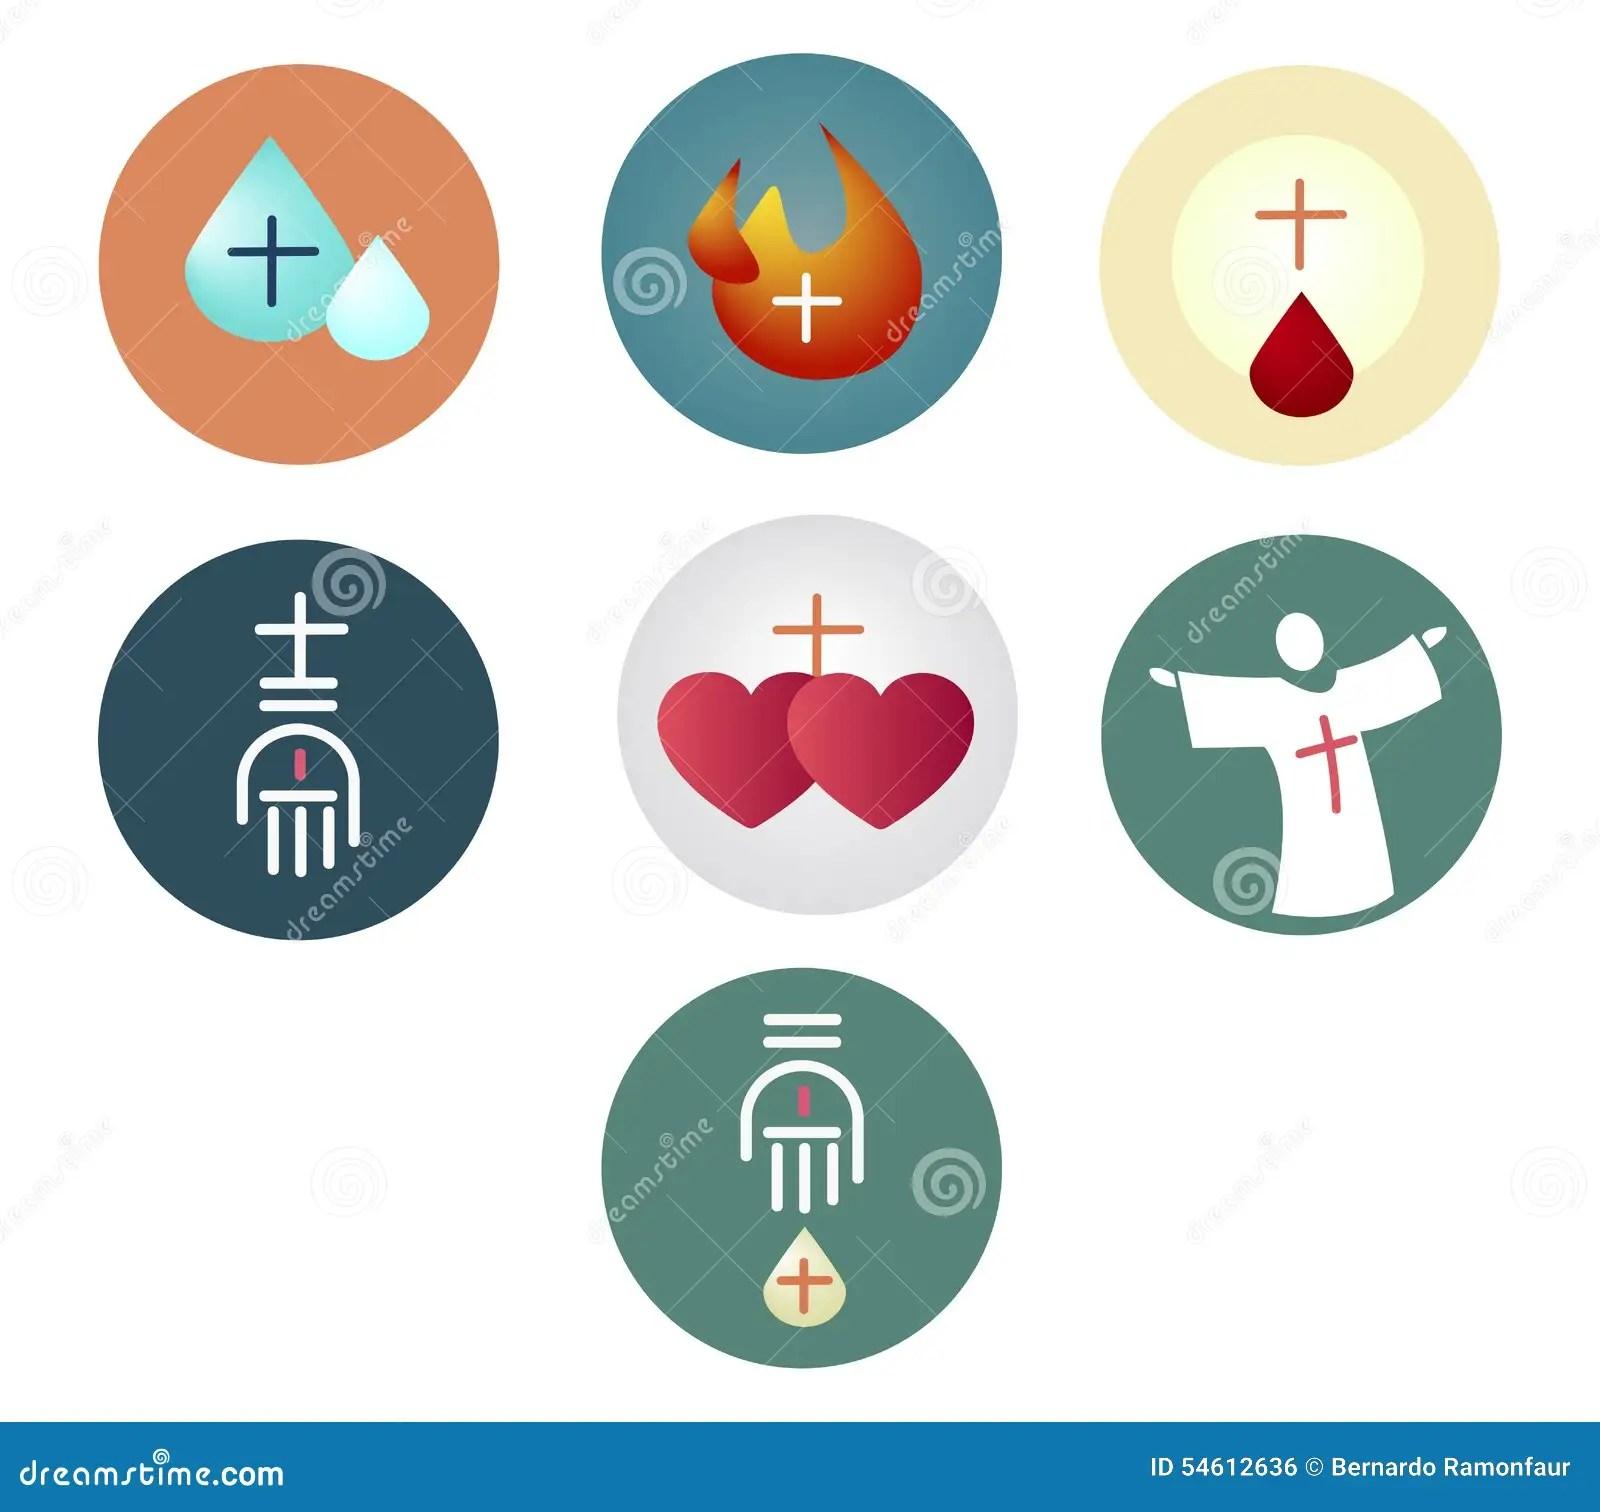 Marriage catholic church symbols marriage catholic church buycottarizona